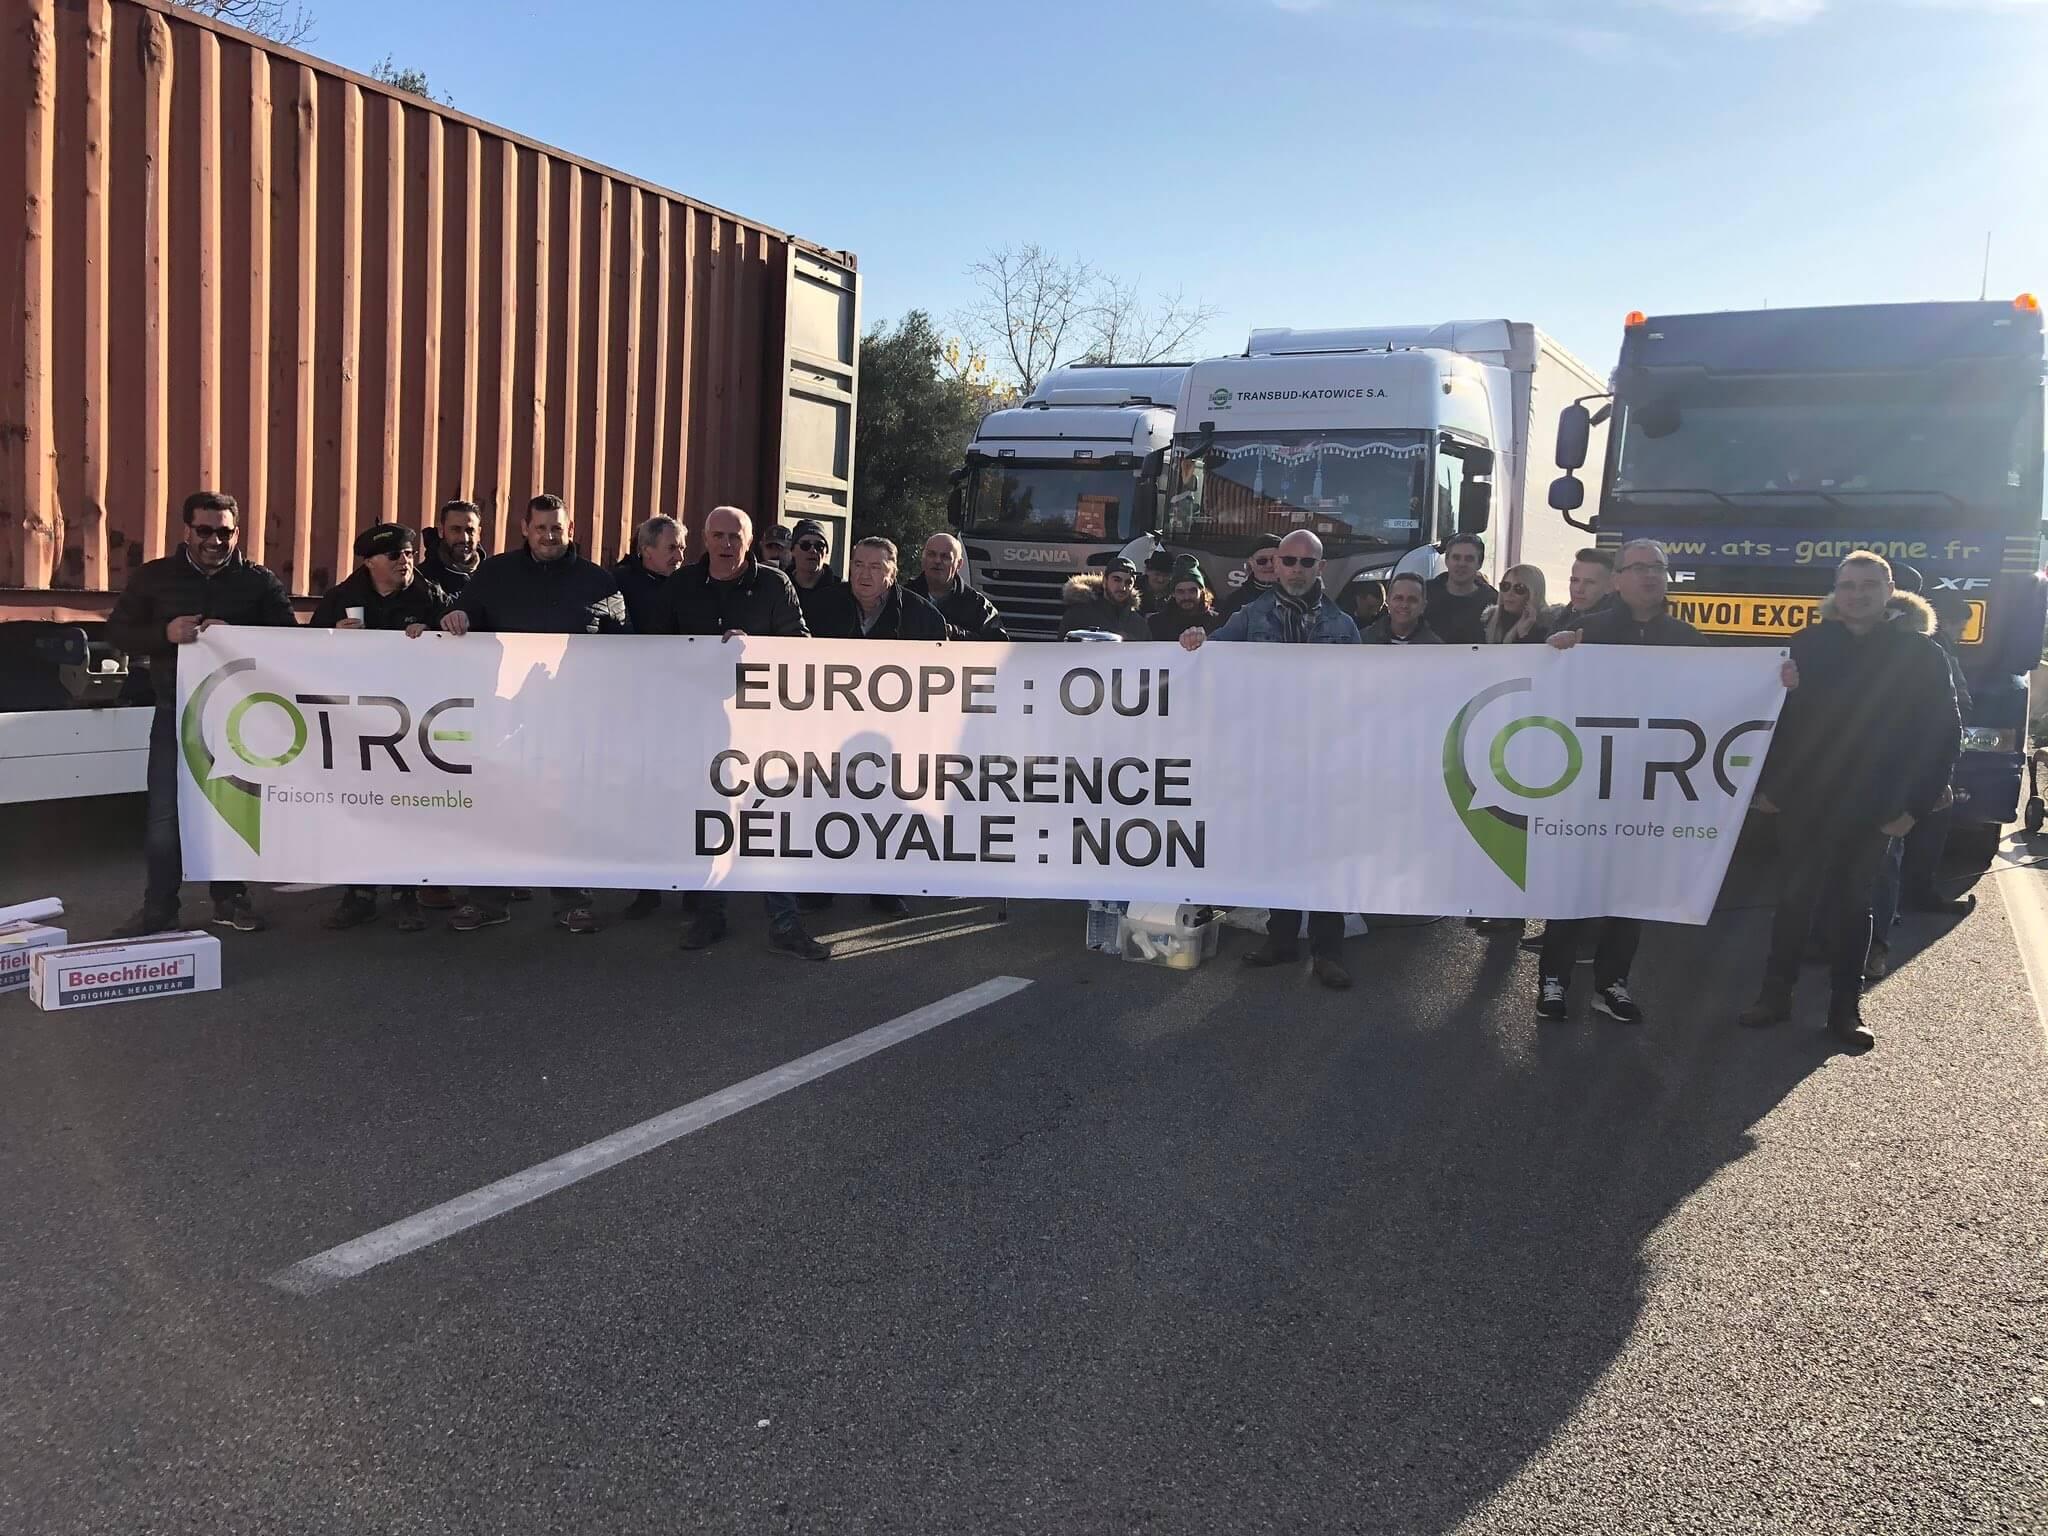 Masiniai vairuotojų streikai ES. Prancūzai ir italai jau paskelbė protestų datas